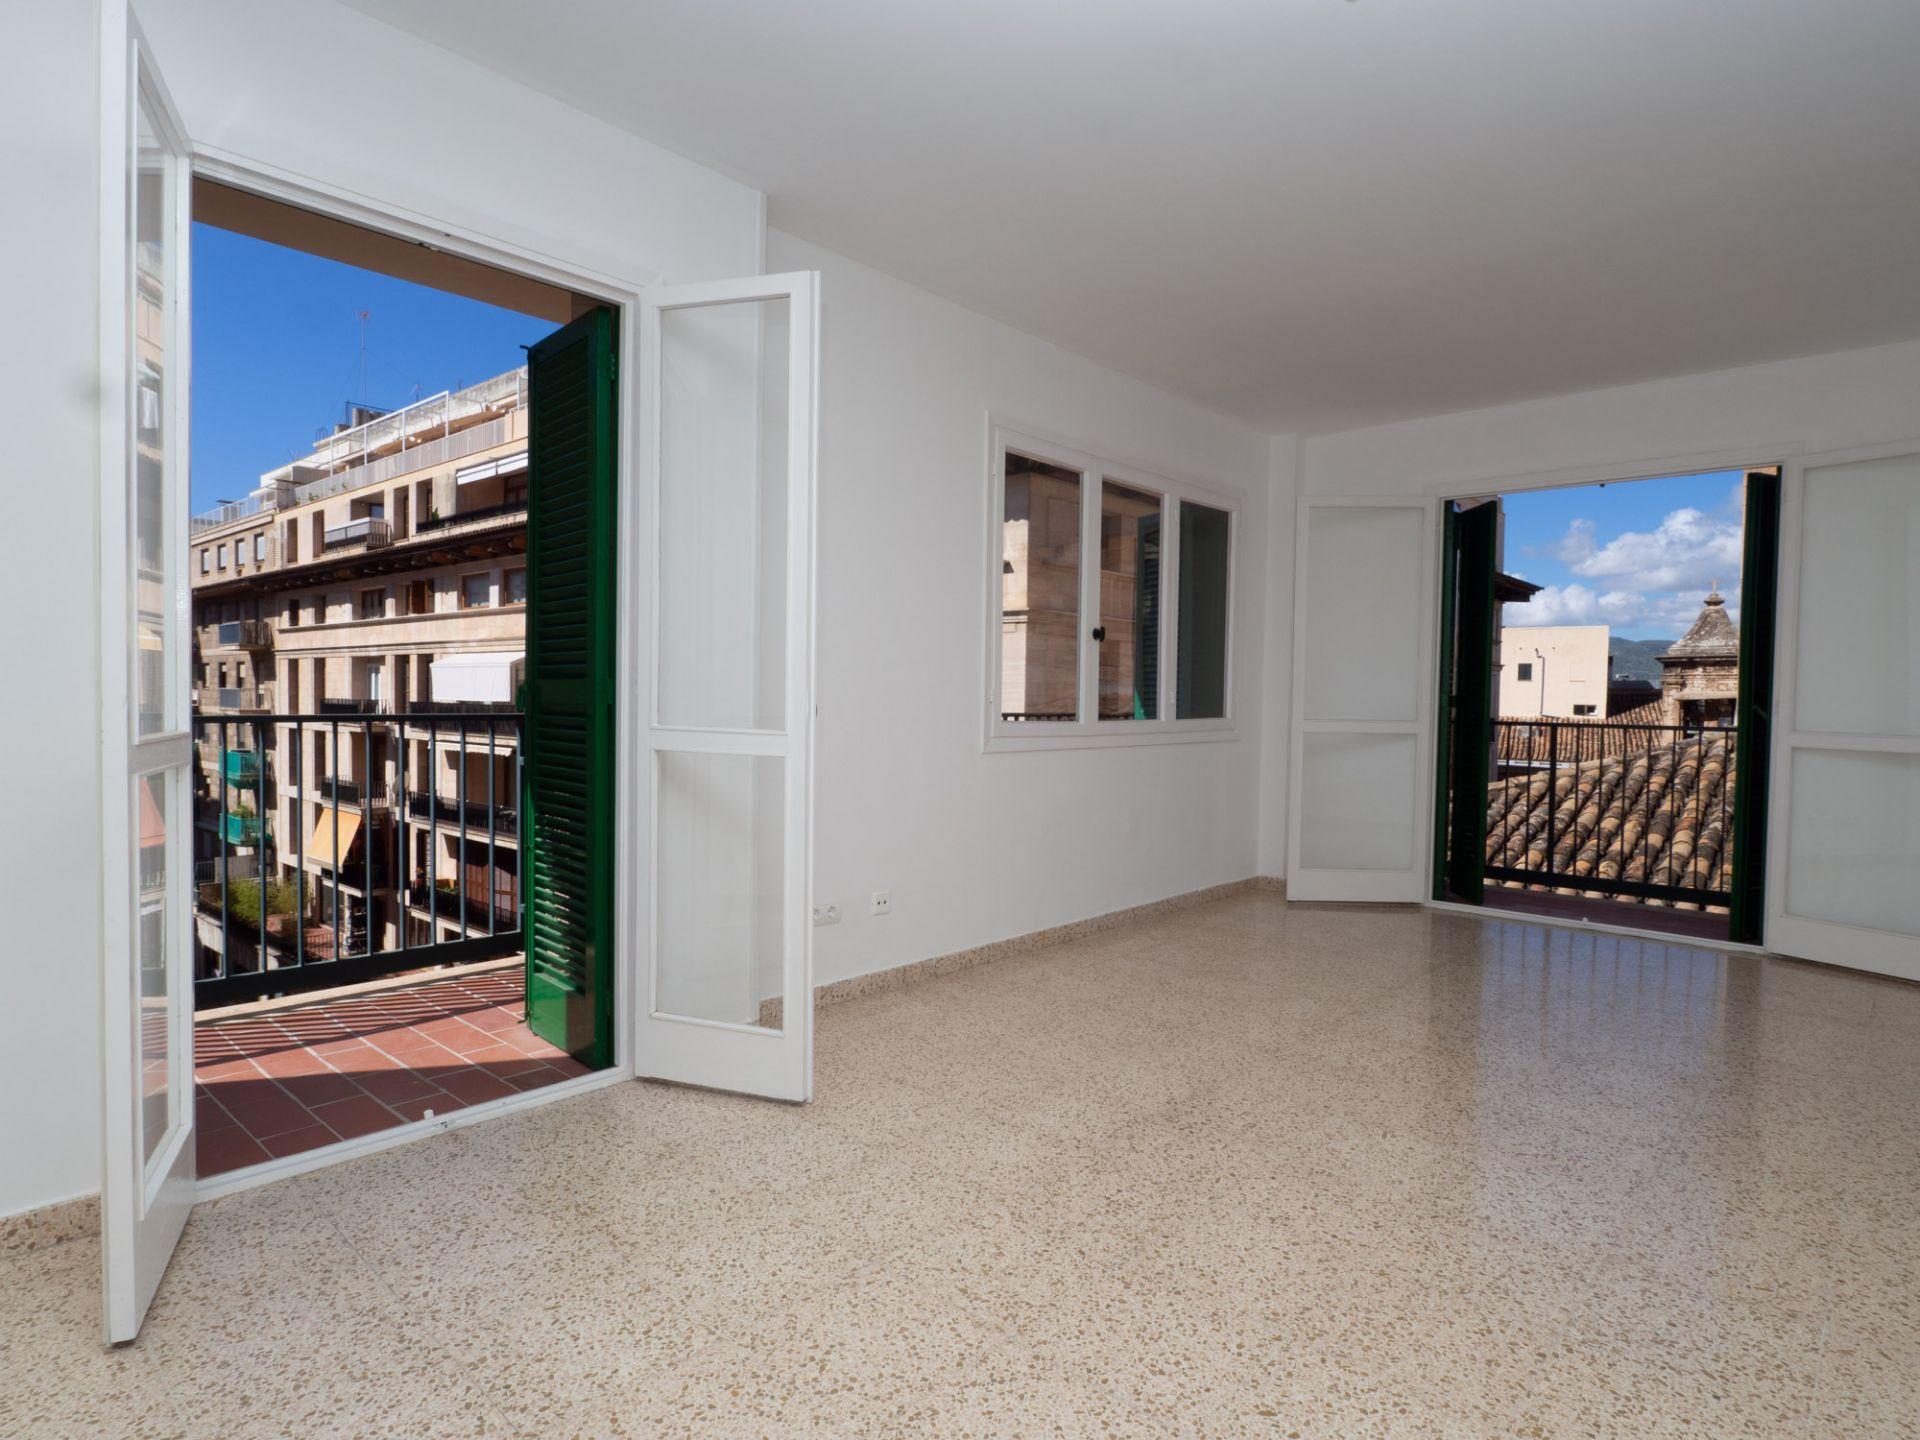 Piso en Palma, PLAZA ESPAÑA, alquiler